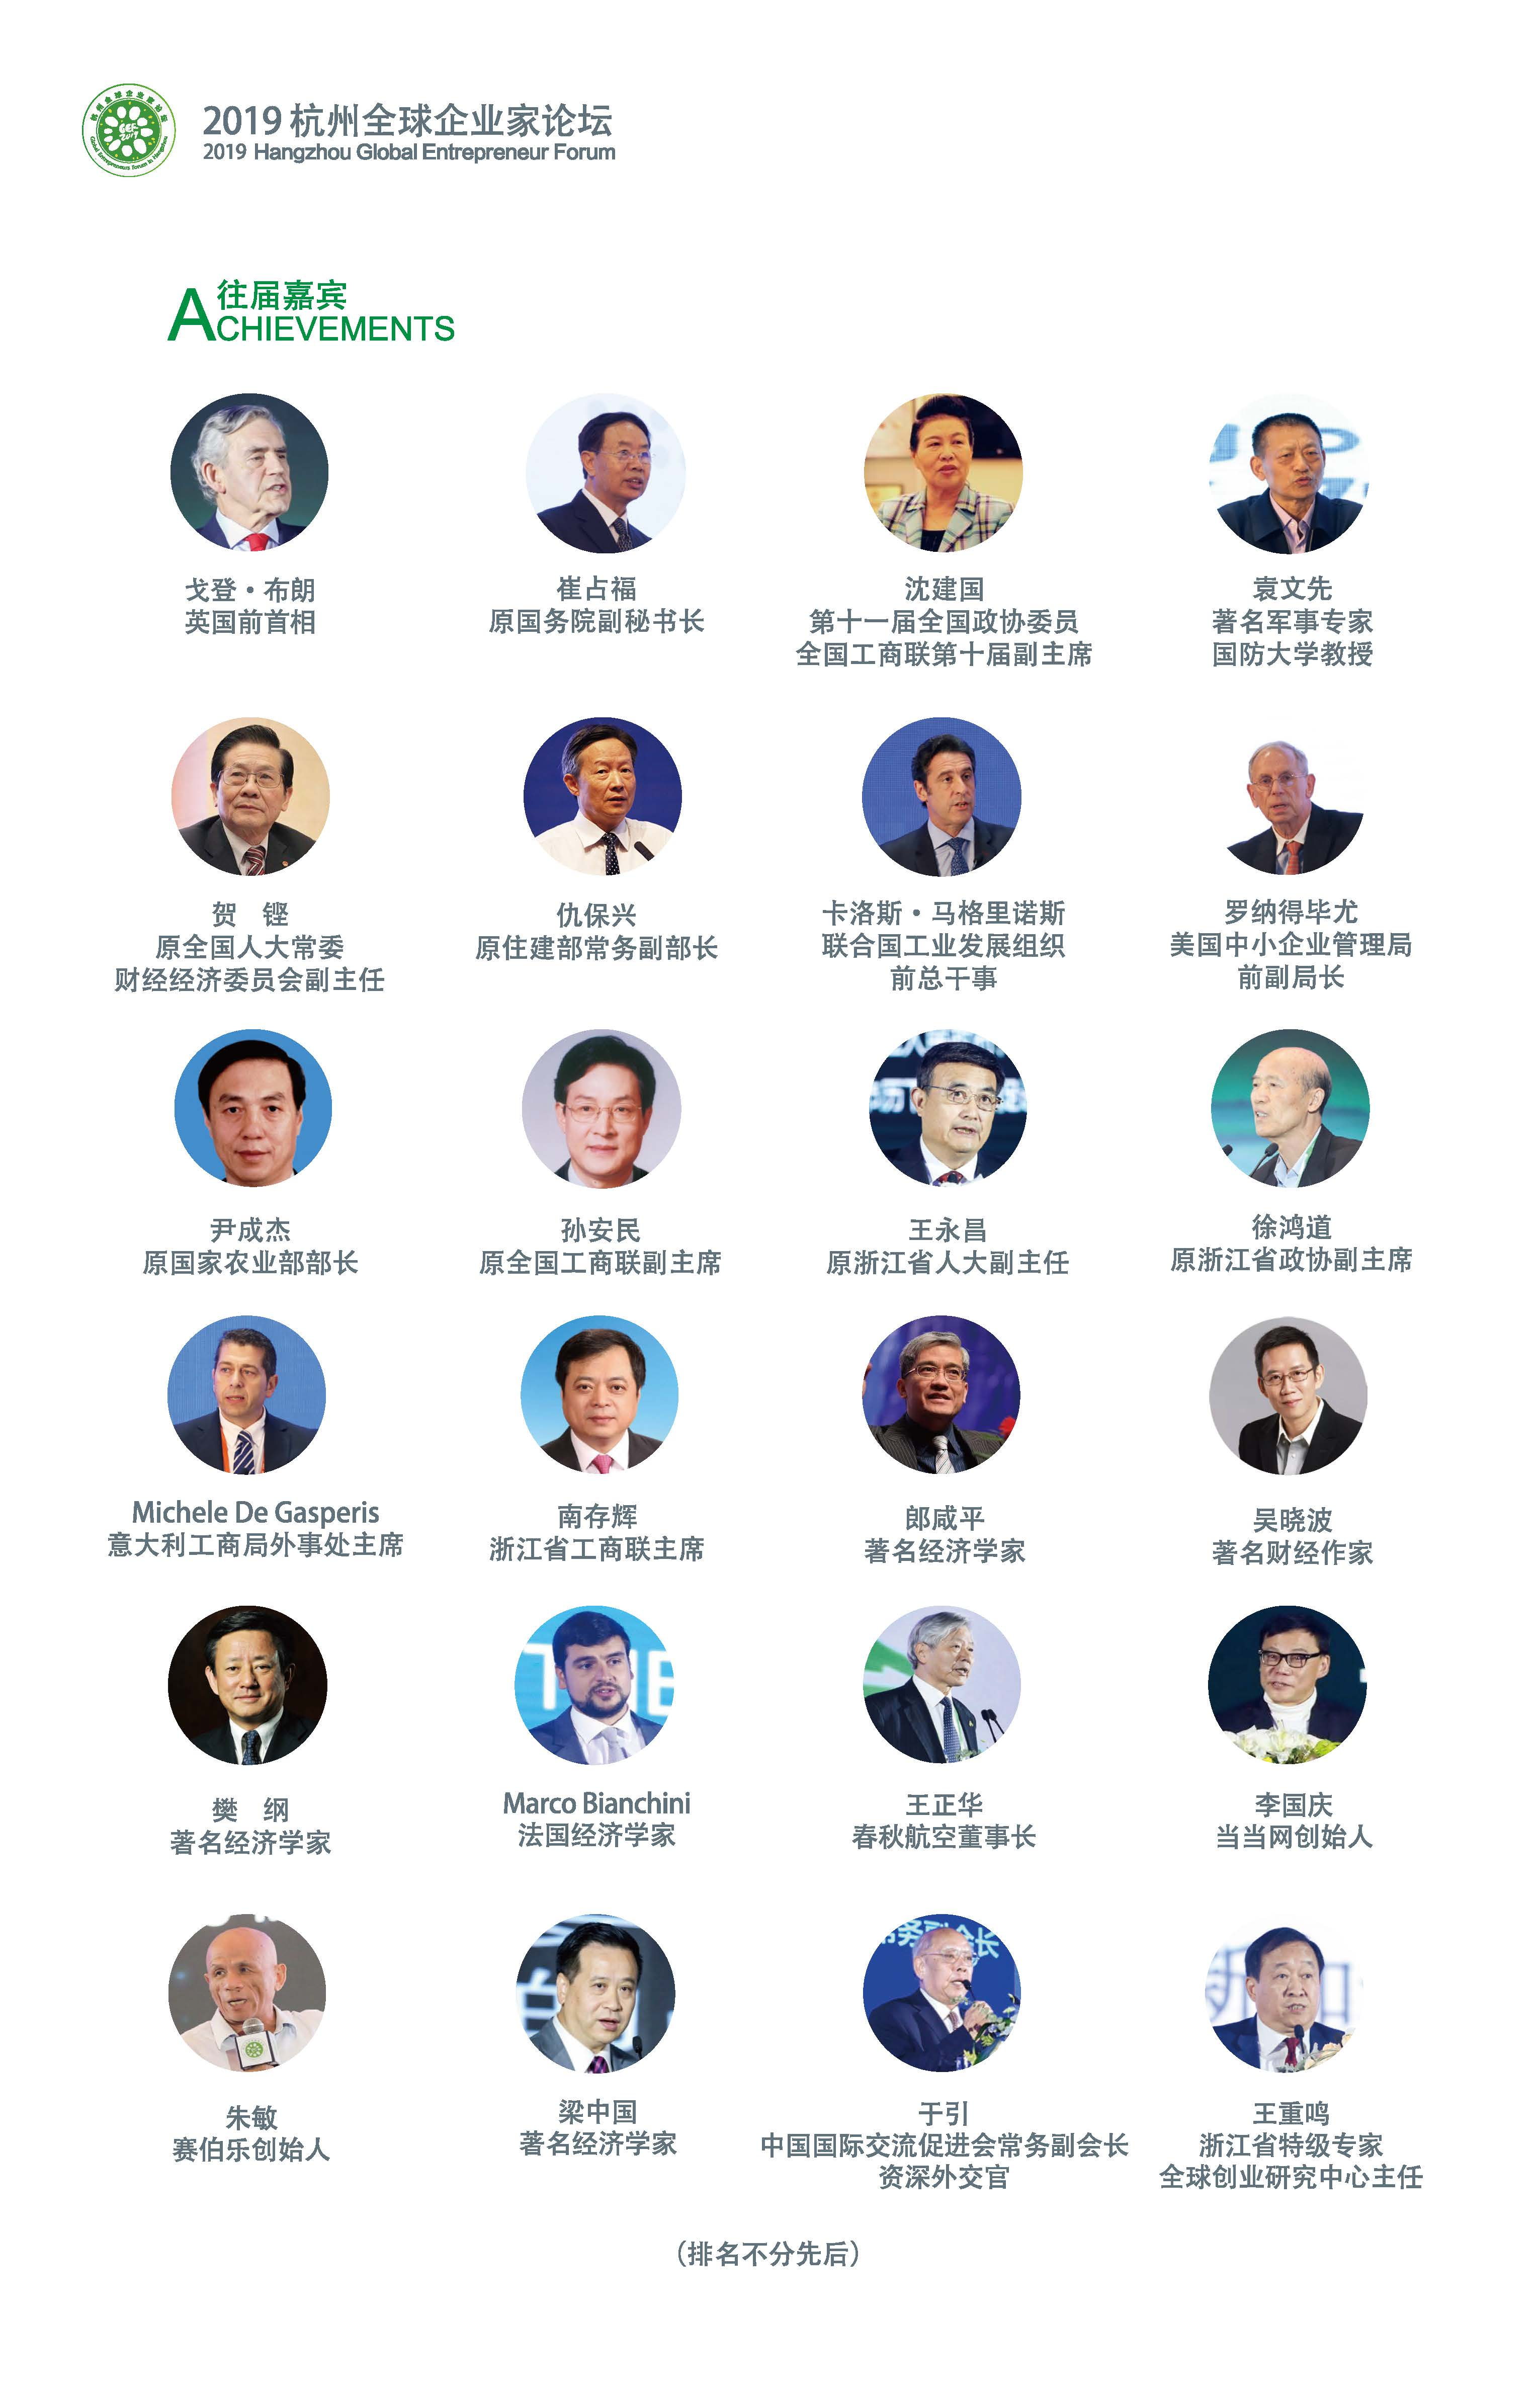 2019第四届杭州全球企业家论坛